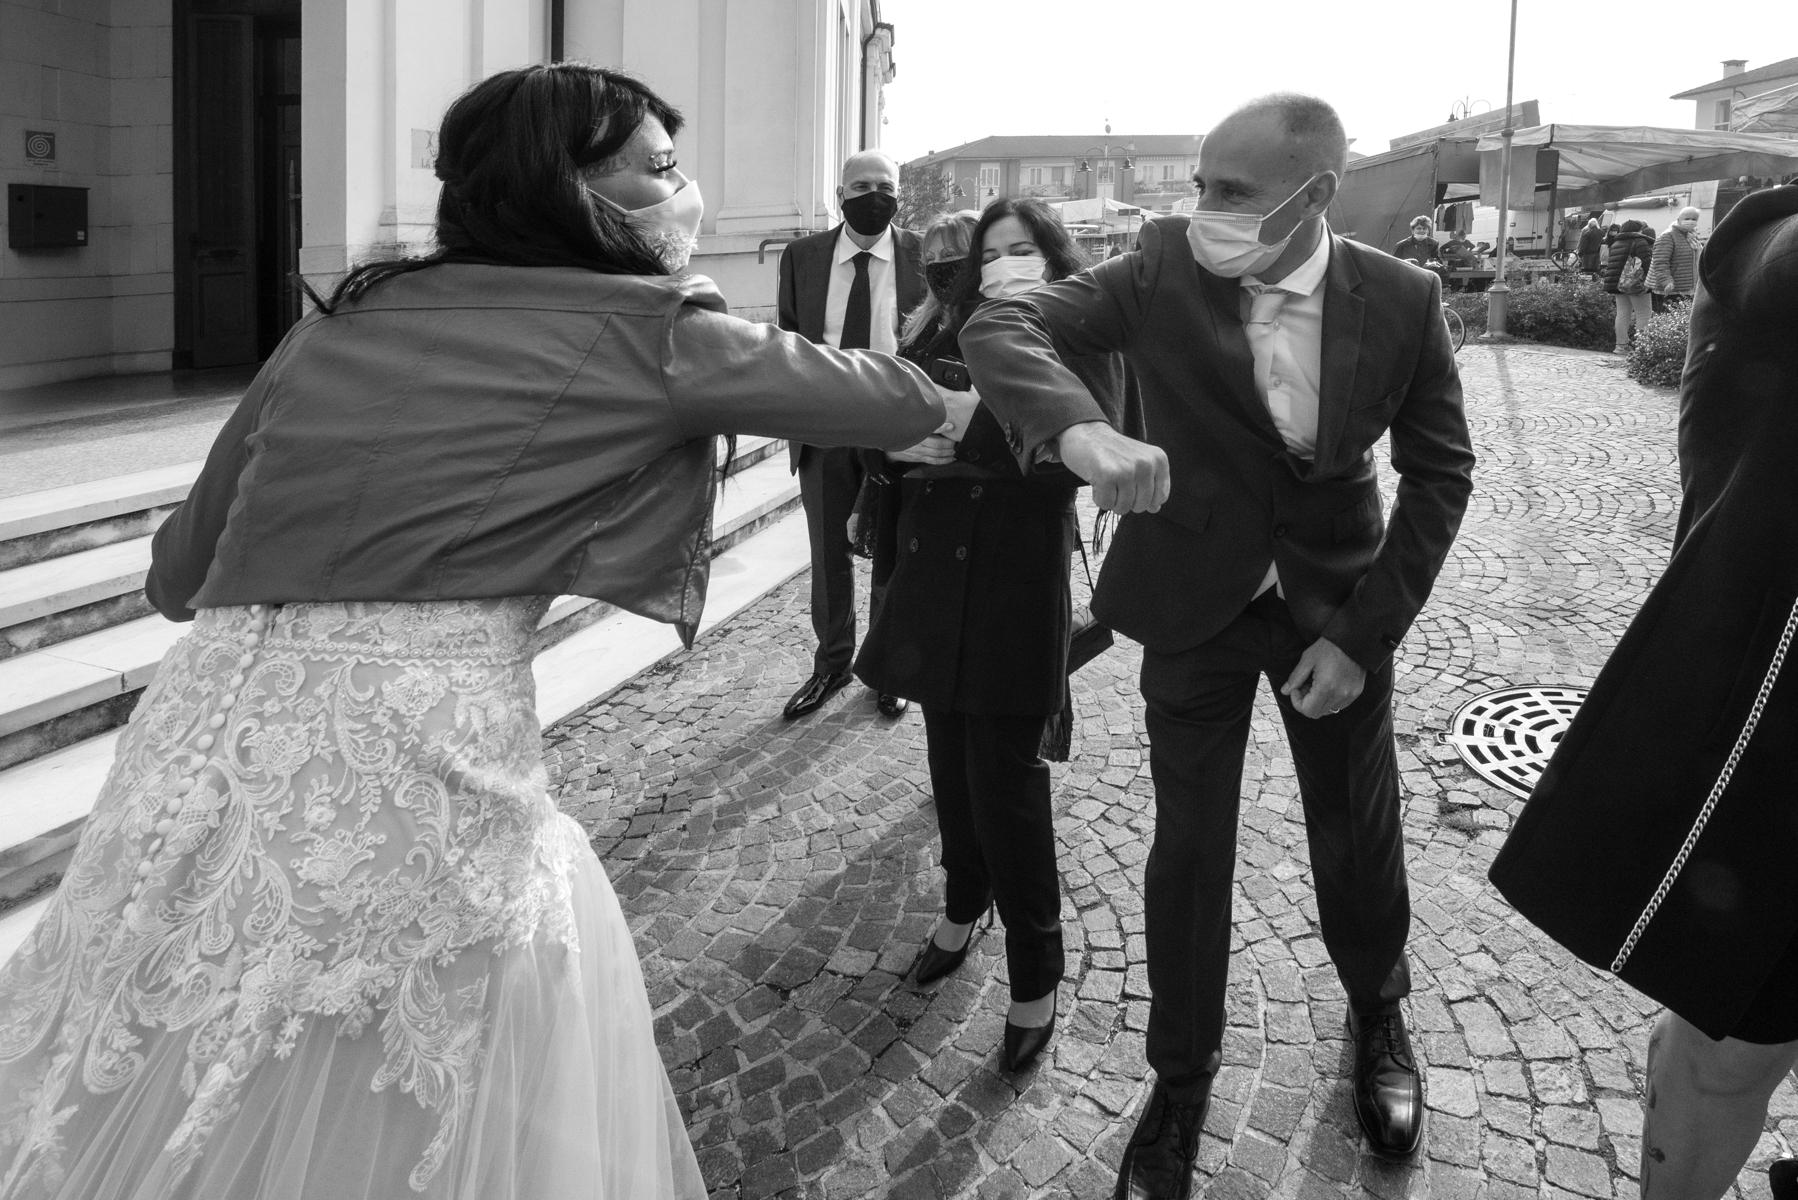 Foto vor der Hochzeit vom Teatro Nuovo Marmirolo | Zeugen des Bräutigams und der Braut tauschen Grüße aus